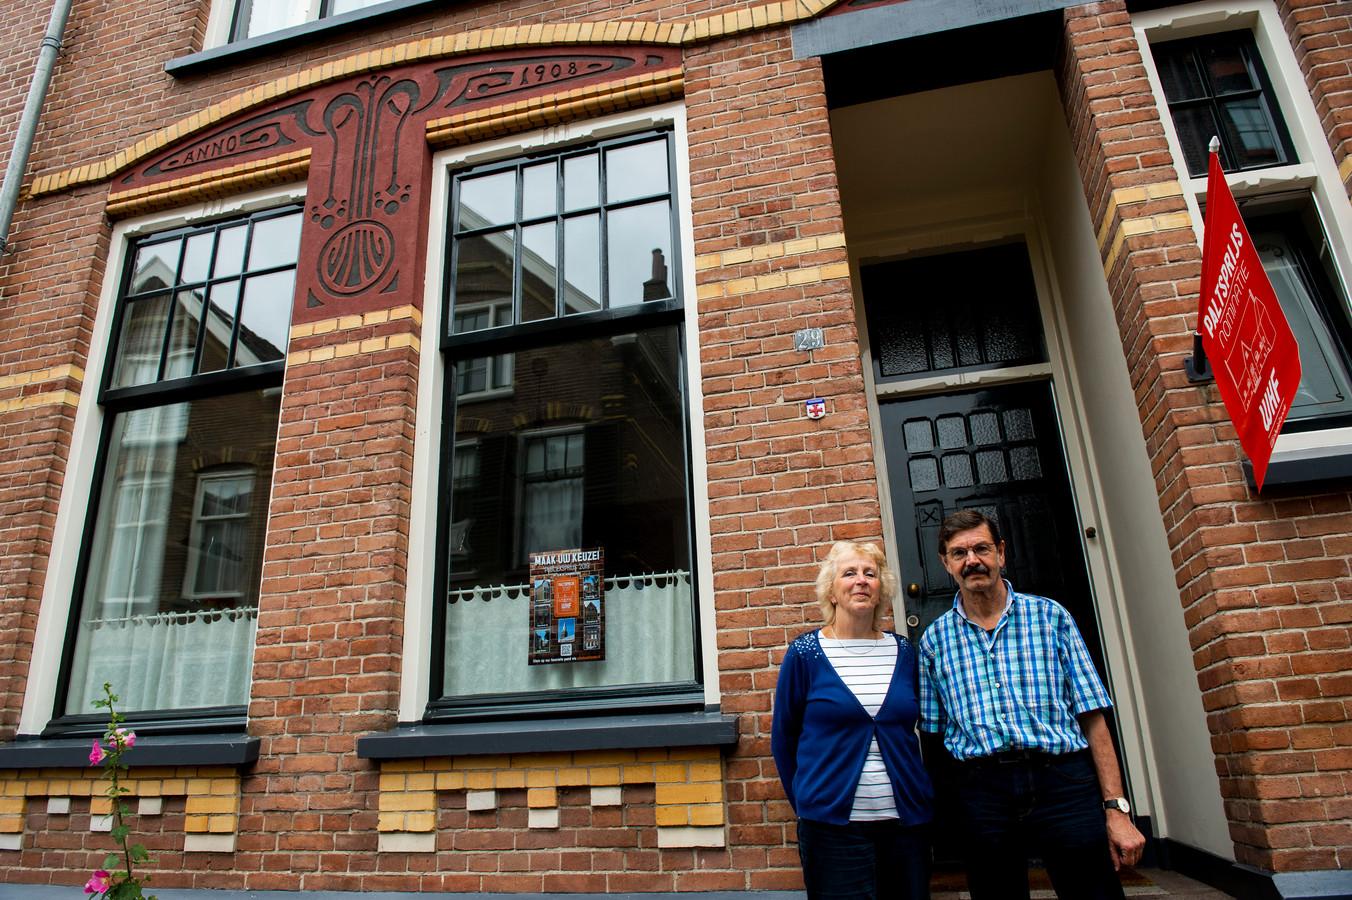 Marianne Poestkoke en Louis van Lieshout wonen in dit huis (bouwjaar 1908) dat ze met respect voor historie hebben verbouwd. Ze maken kans op het winnen van de Paltsprijs voor gerenoveerde panden.